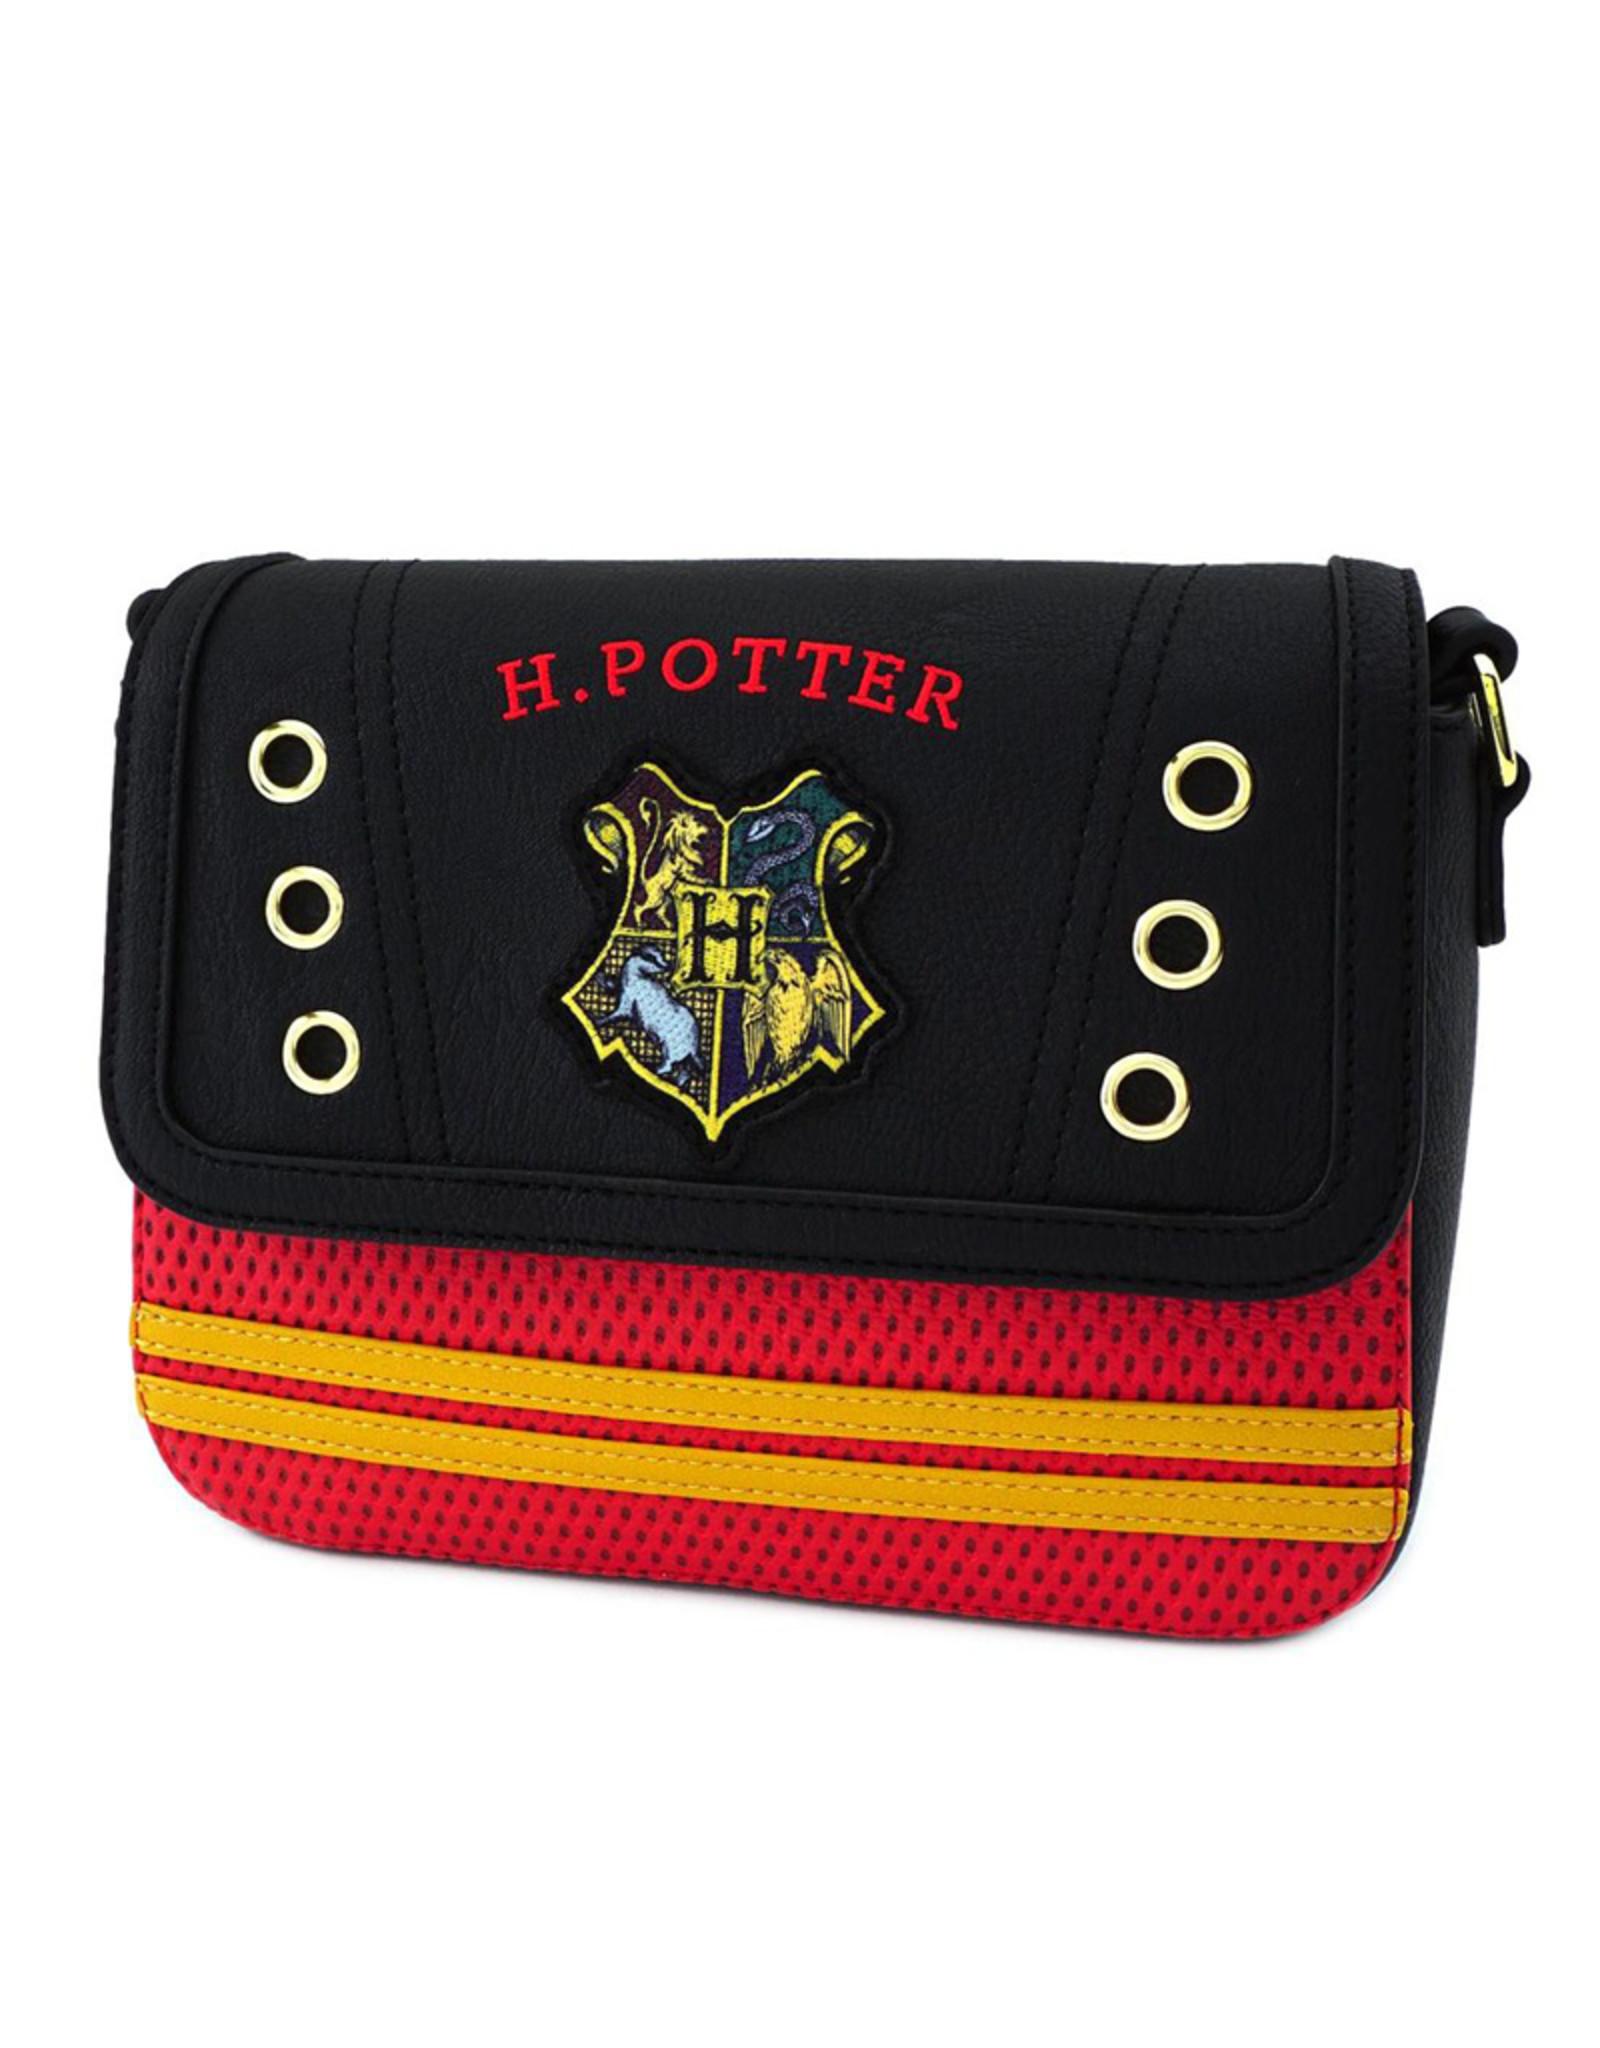 Harry Potter Harry Potter ( Loungefly Handbag ) H.Potter